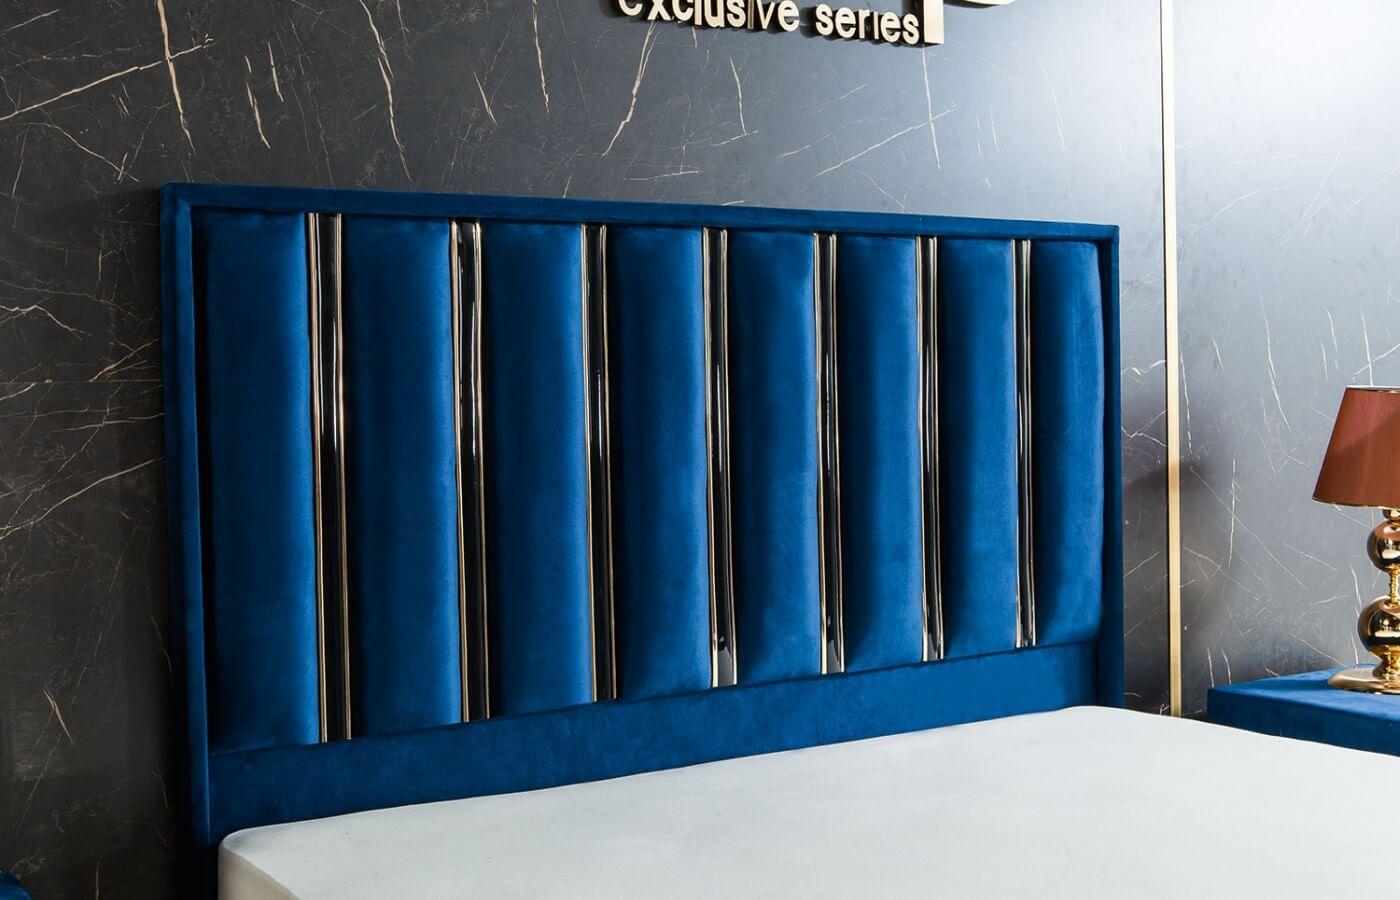 de-luxe-sets-(7)-1400x900w